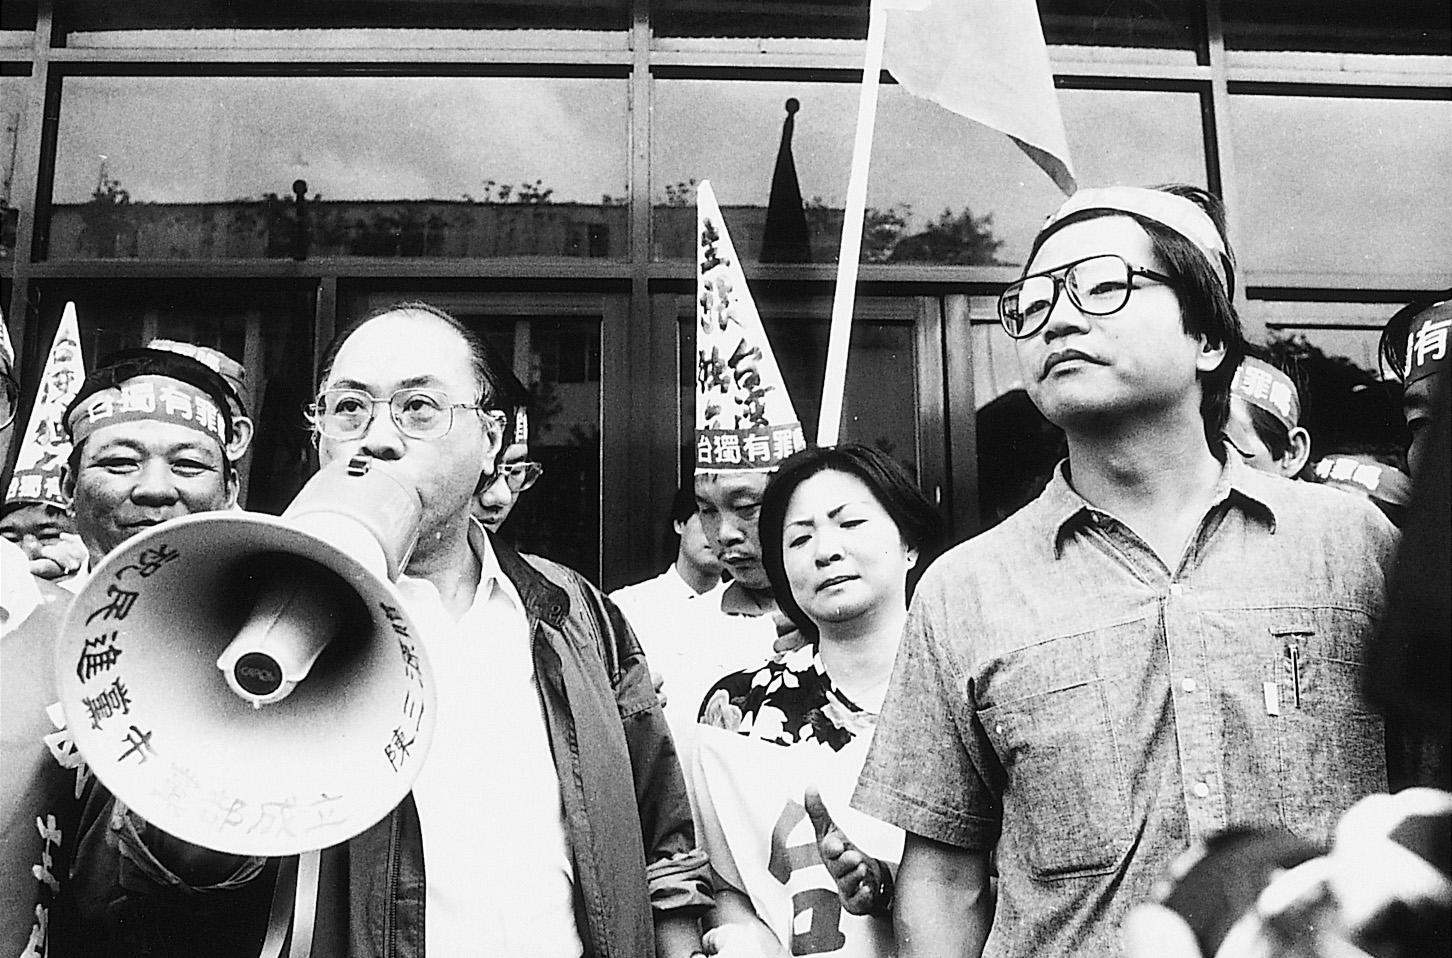 ■1987年10月12日,台灣高檢署檢察官葉金寶偵辦「台灣政治受難者聯誼總會」的台獨案首度開庭偵訊。許曹德、蔡有全兩人首度出庭以「預備意圖竊據國土」的重罪遭到當庭收押,台灣獨立的主張從此檯面化。